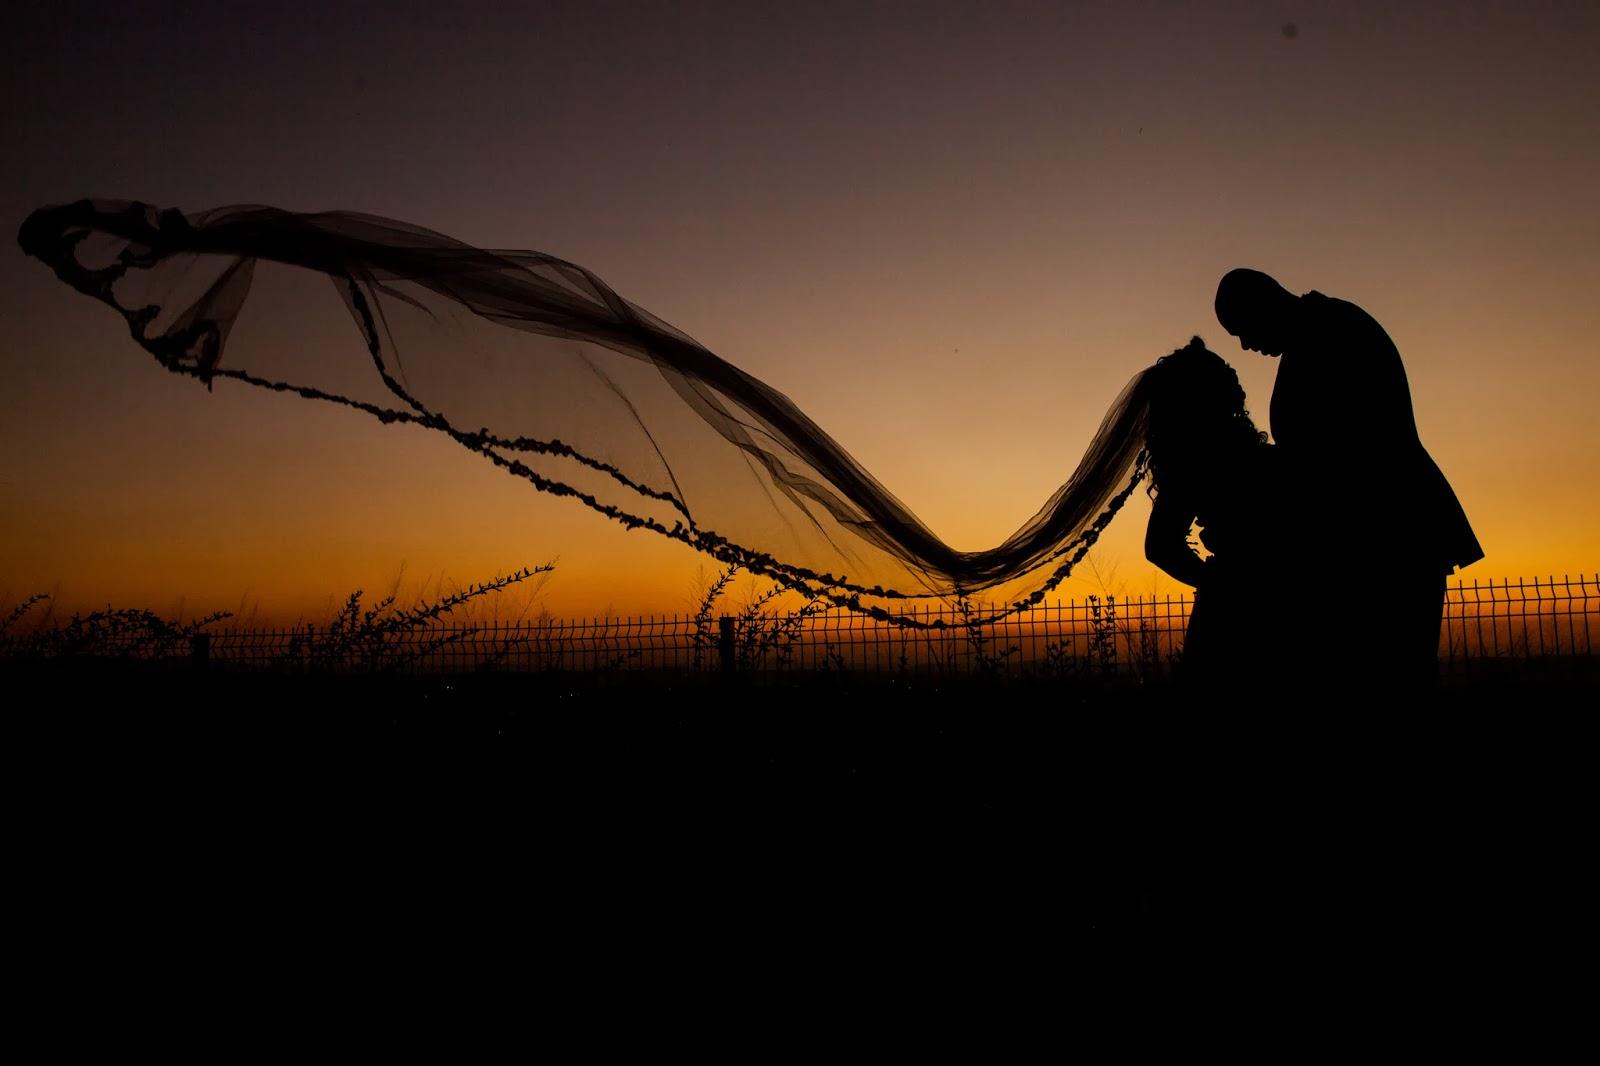 historia-amor-fe-book-externo-por-do-sol-veu